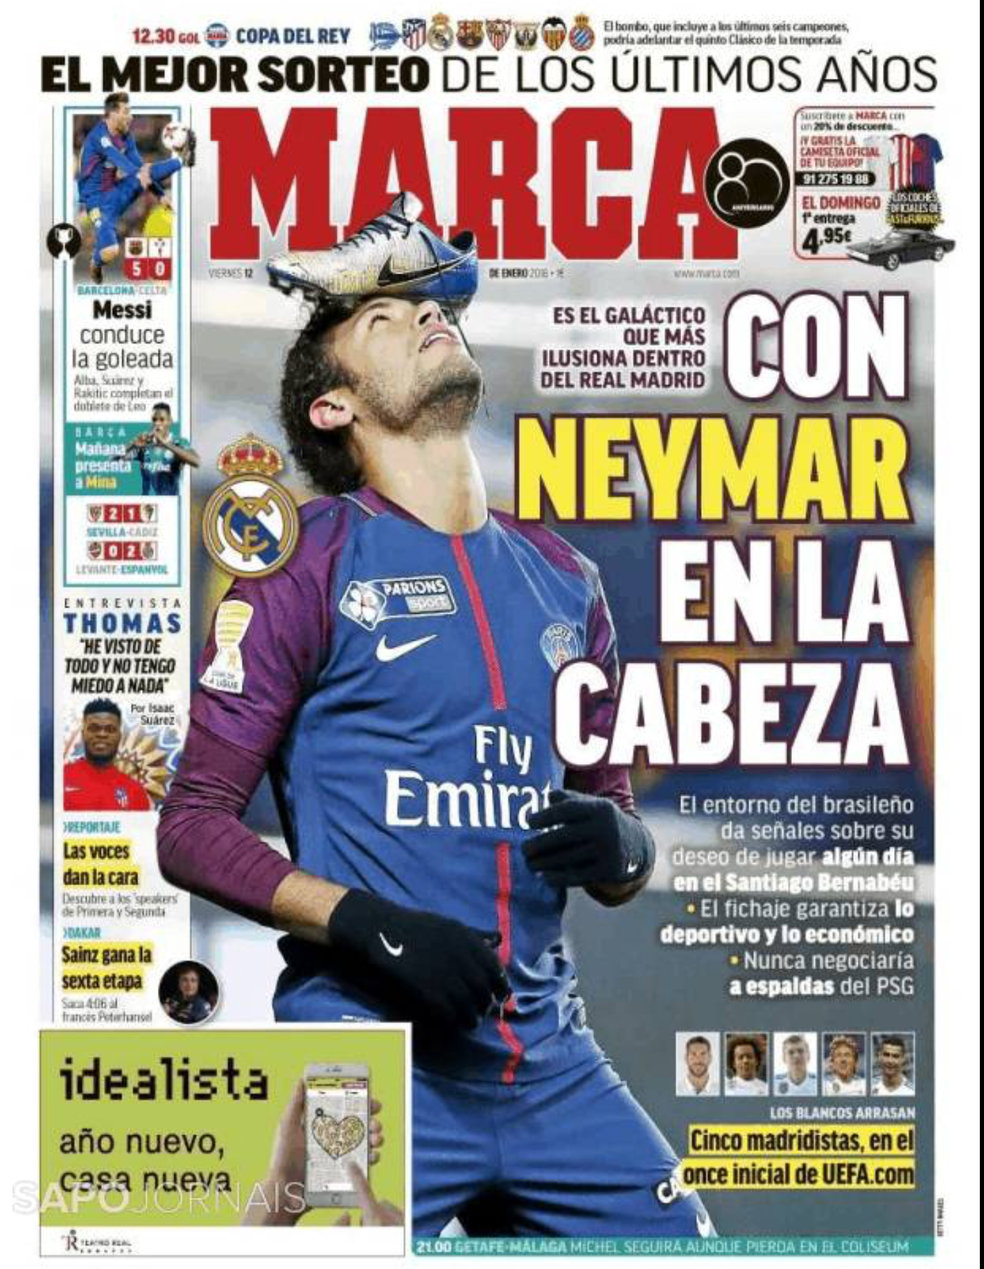 Capa do Marca de 11/01 coloca Neymar na capa como sonho do Real (Foto: Reprodução)